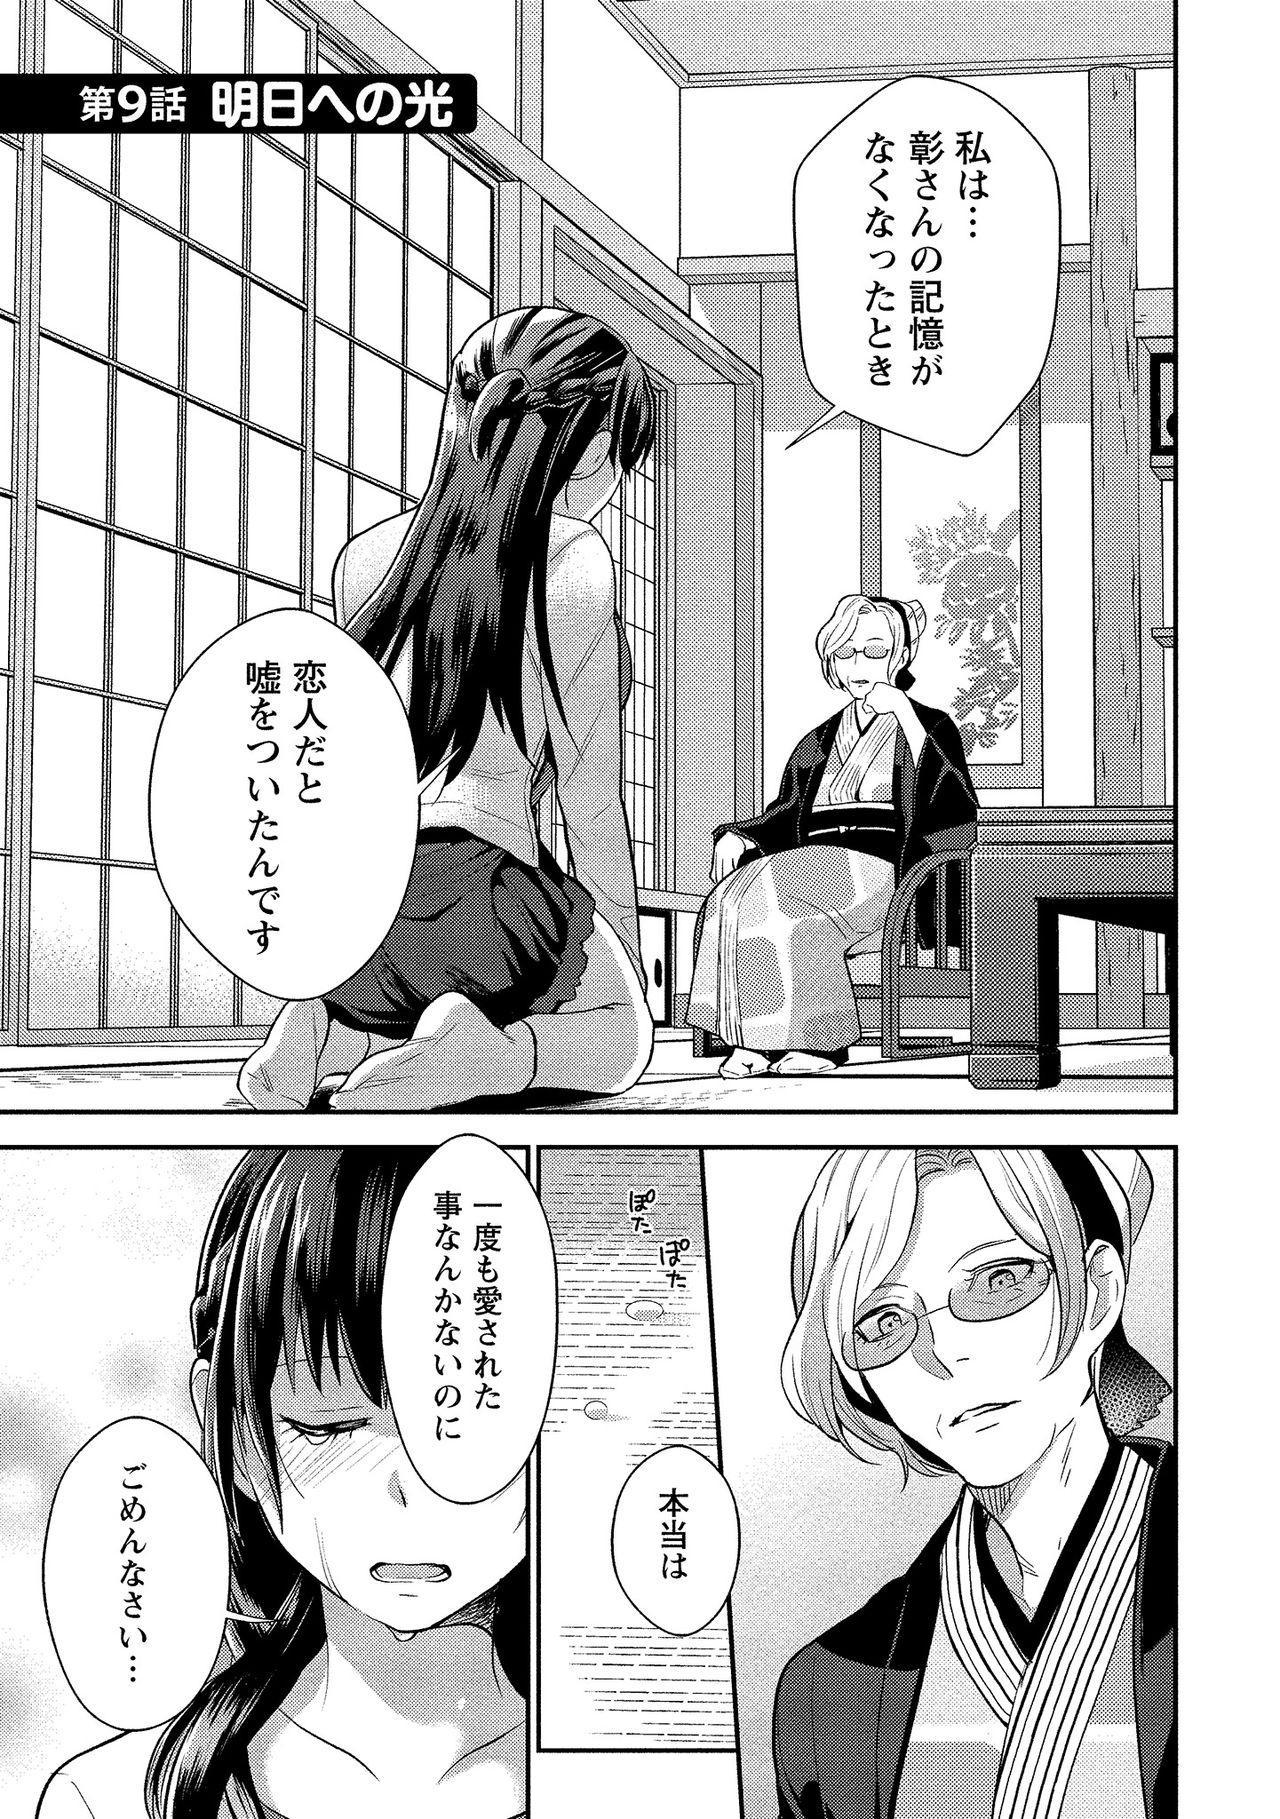 Dorobou Neko wa Kanojo no Hajimari 195